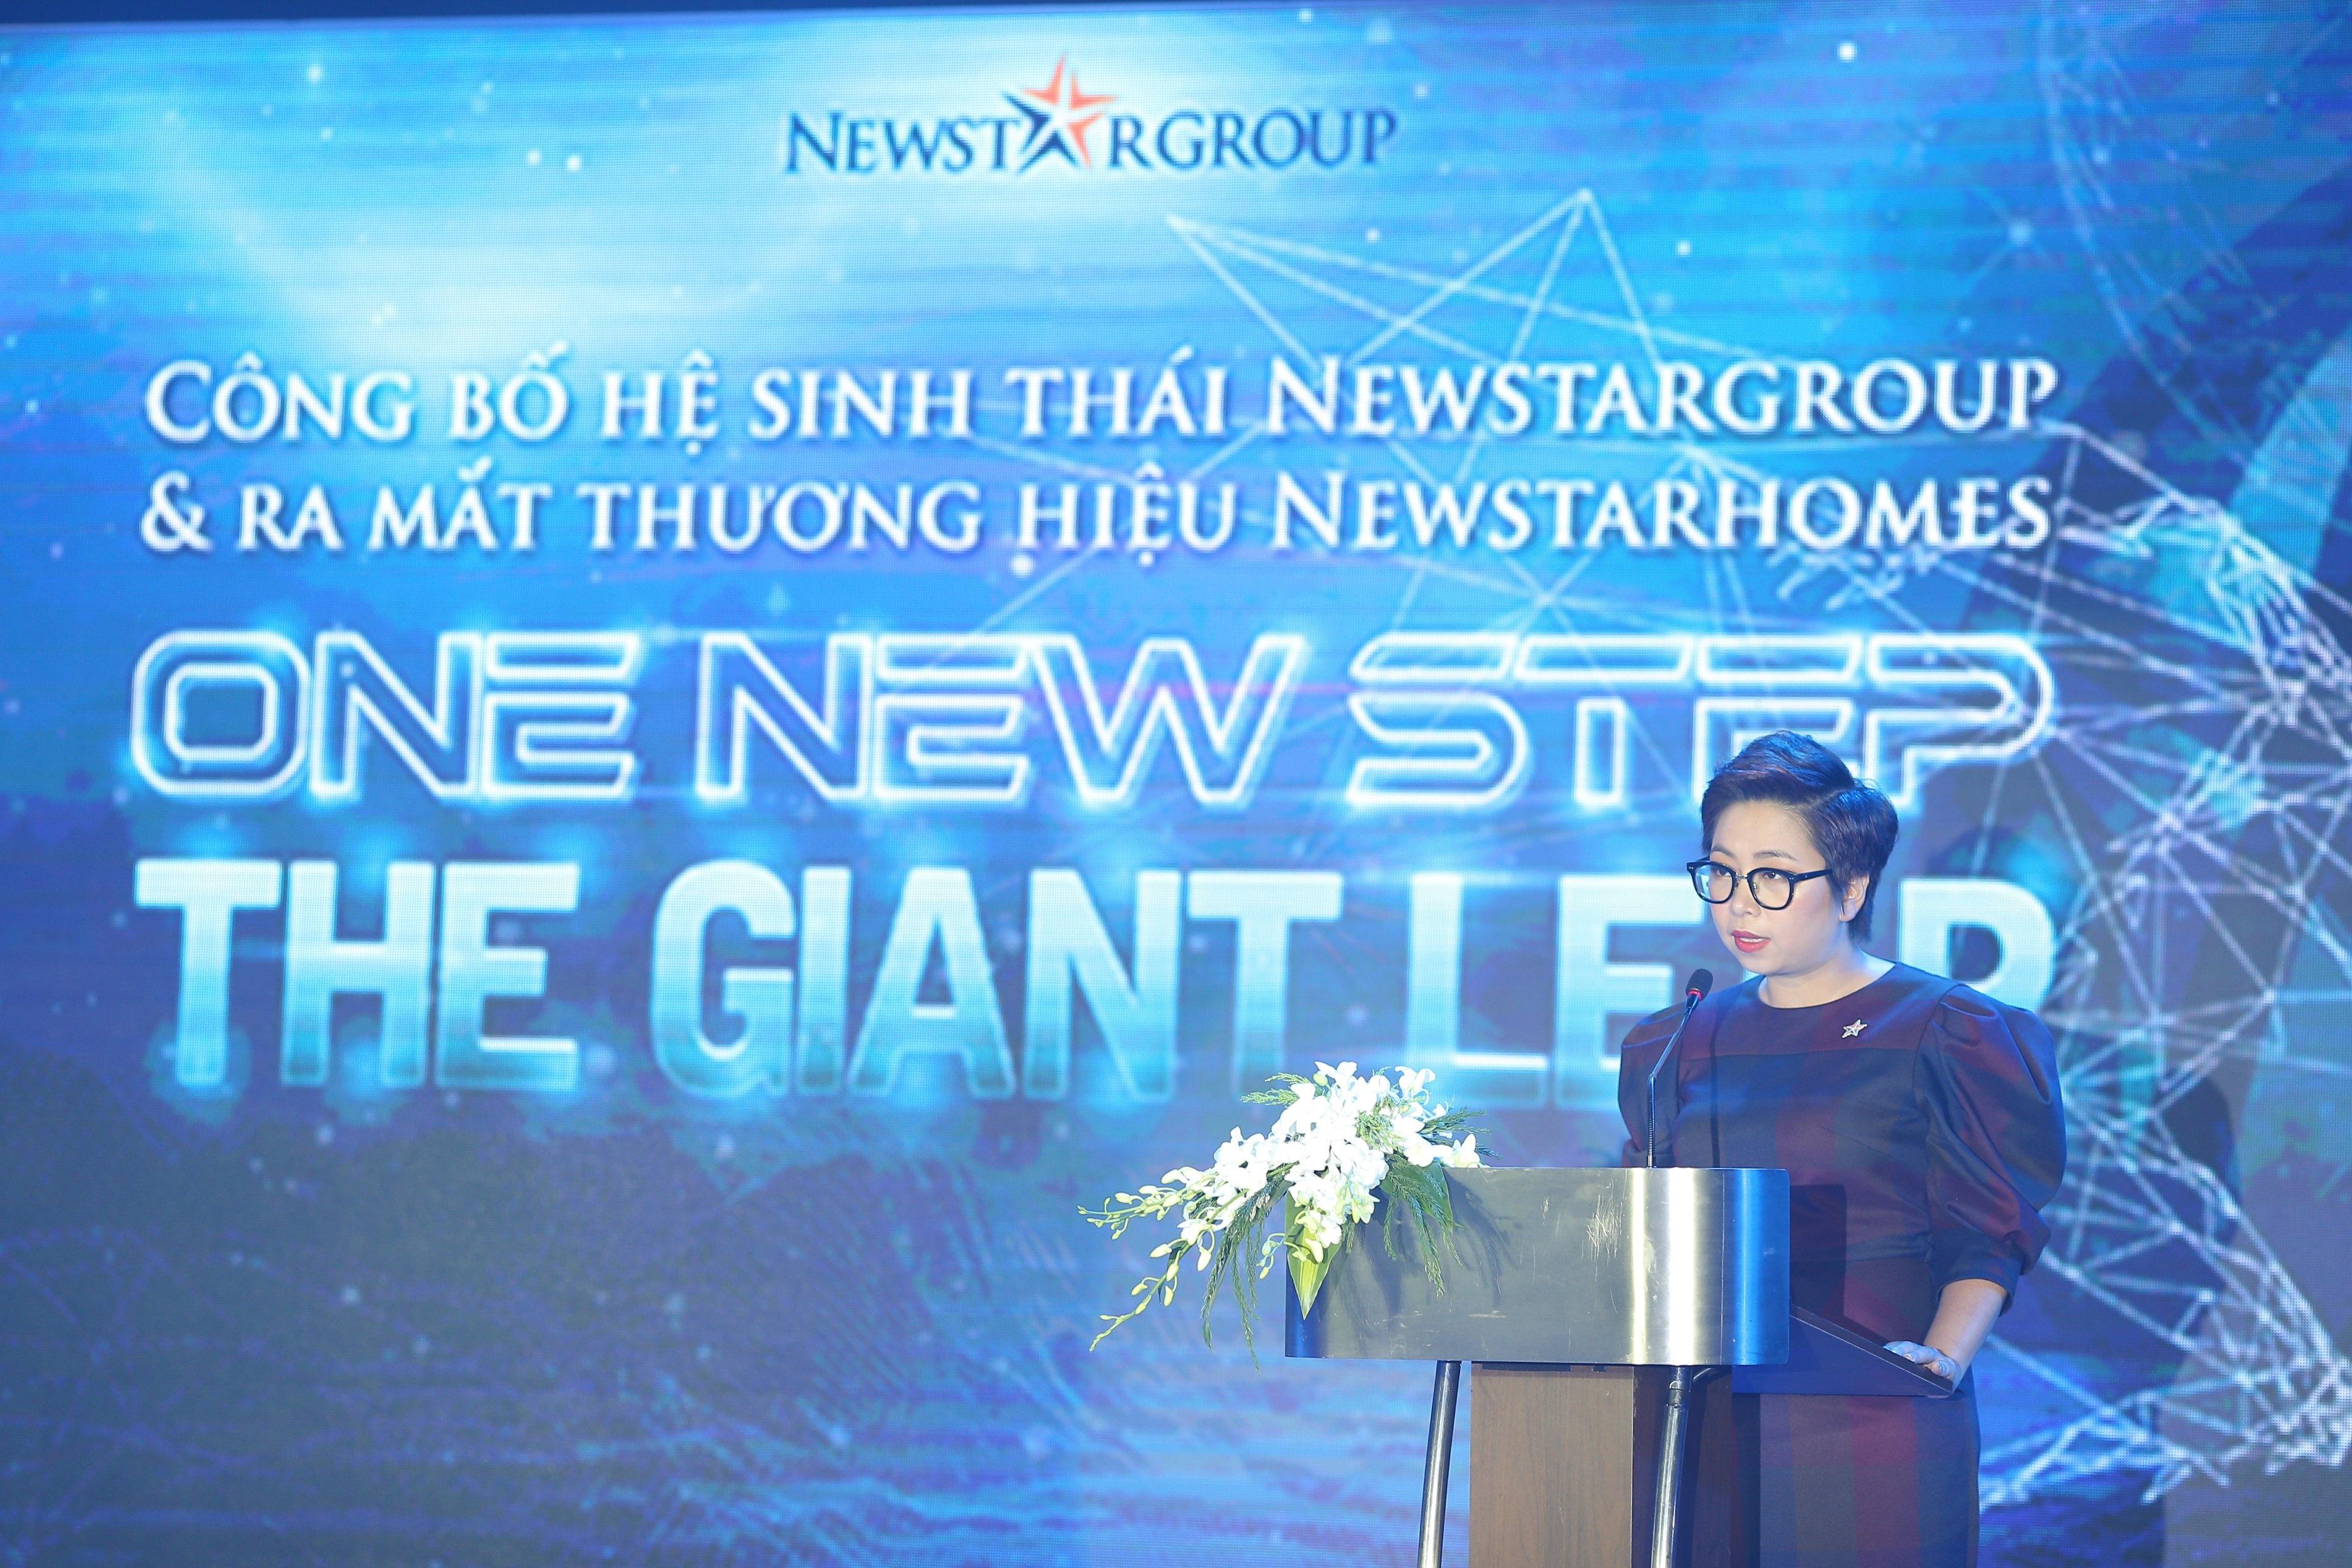 newstargroup cong bo he sinh thai bat dong san toan dien va thuong hieu newstarhomes